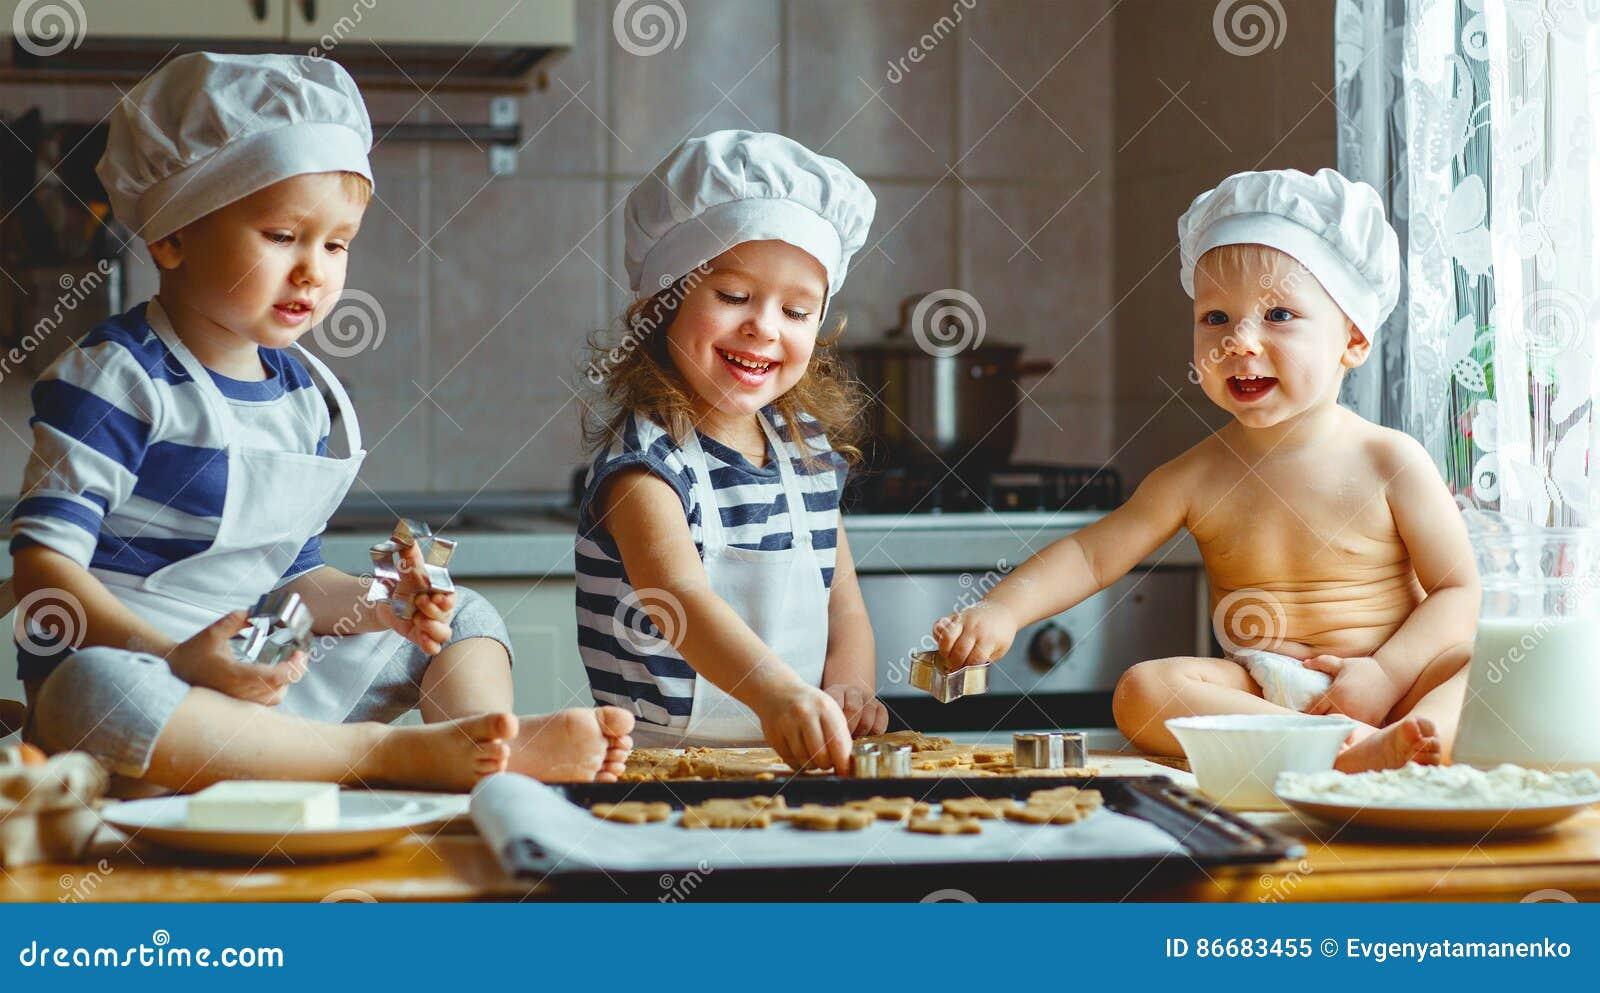 lustige kinder der gl cklichen familie backen pl tzchen in der k che stockbild bild von. Black Bedroom Furniture Sets. Home Design Ideas